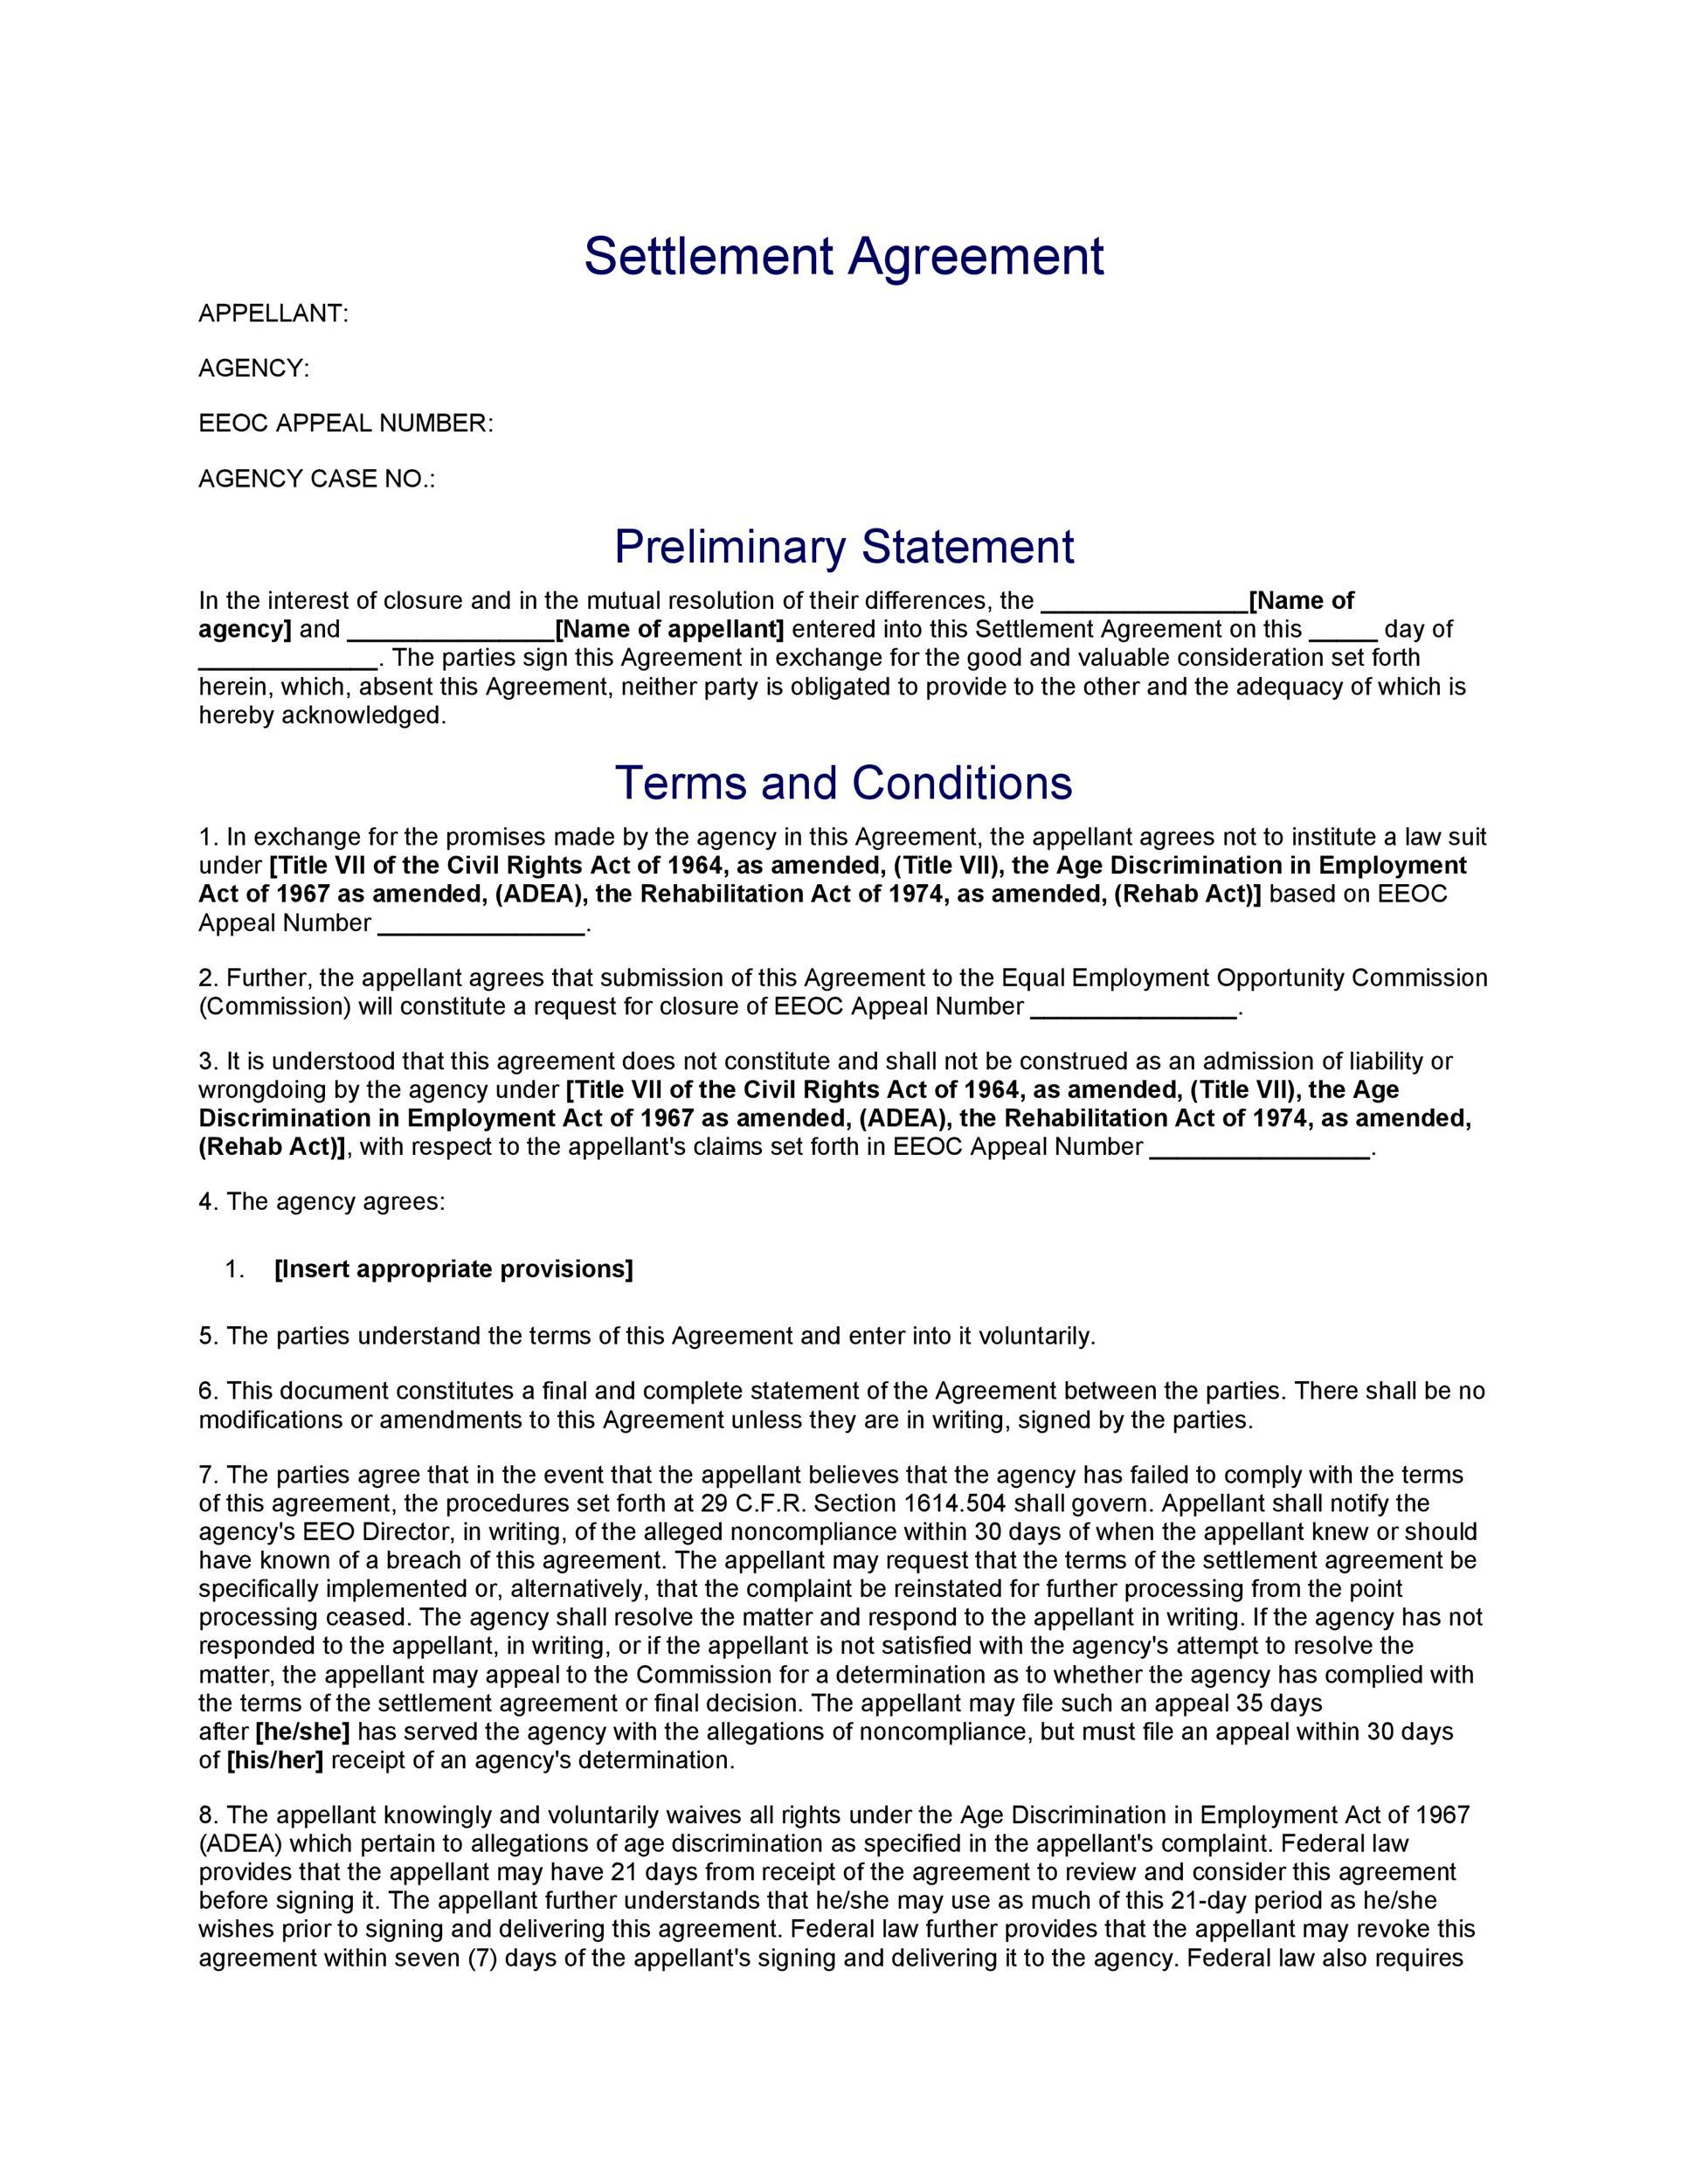 Free settlement agreement 35